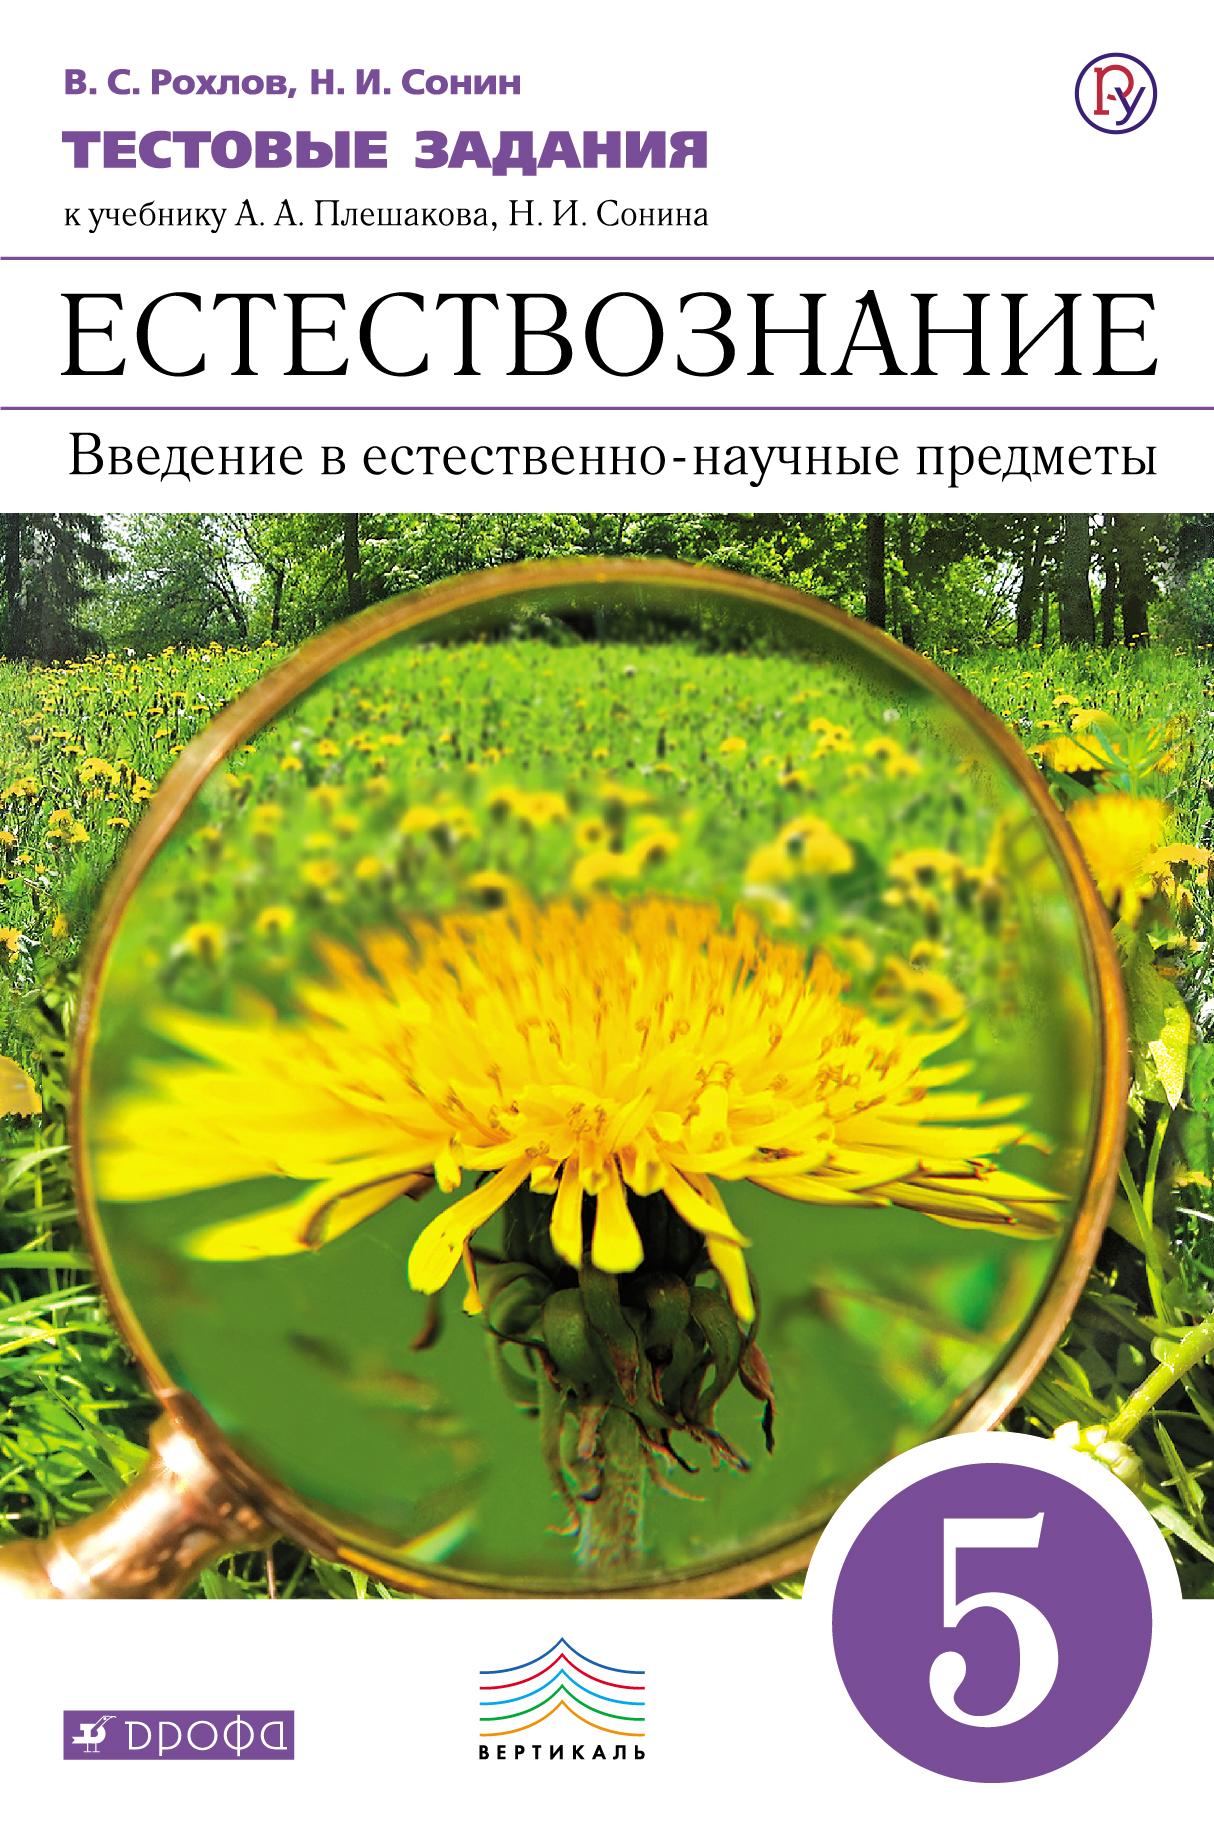 Естествознание. Введение в естественно-научные предметы. 5 класс. Тестовые задания ( Рохлов В.С., Сонин Н.И.  )